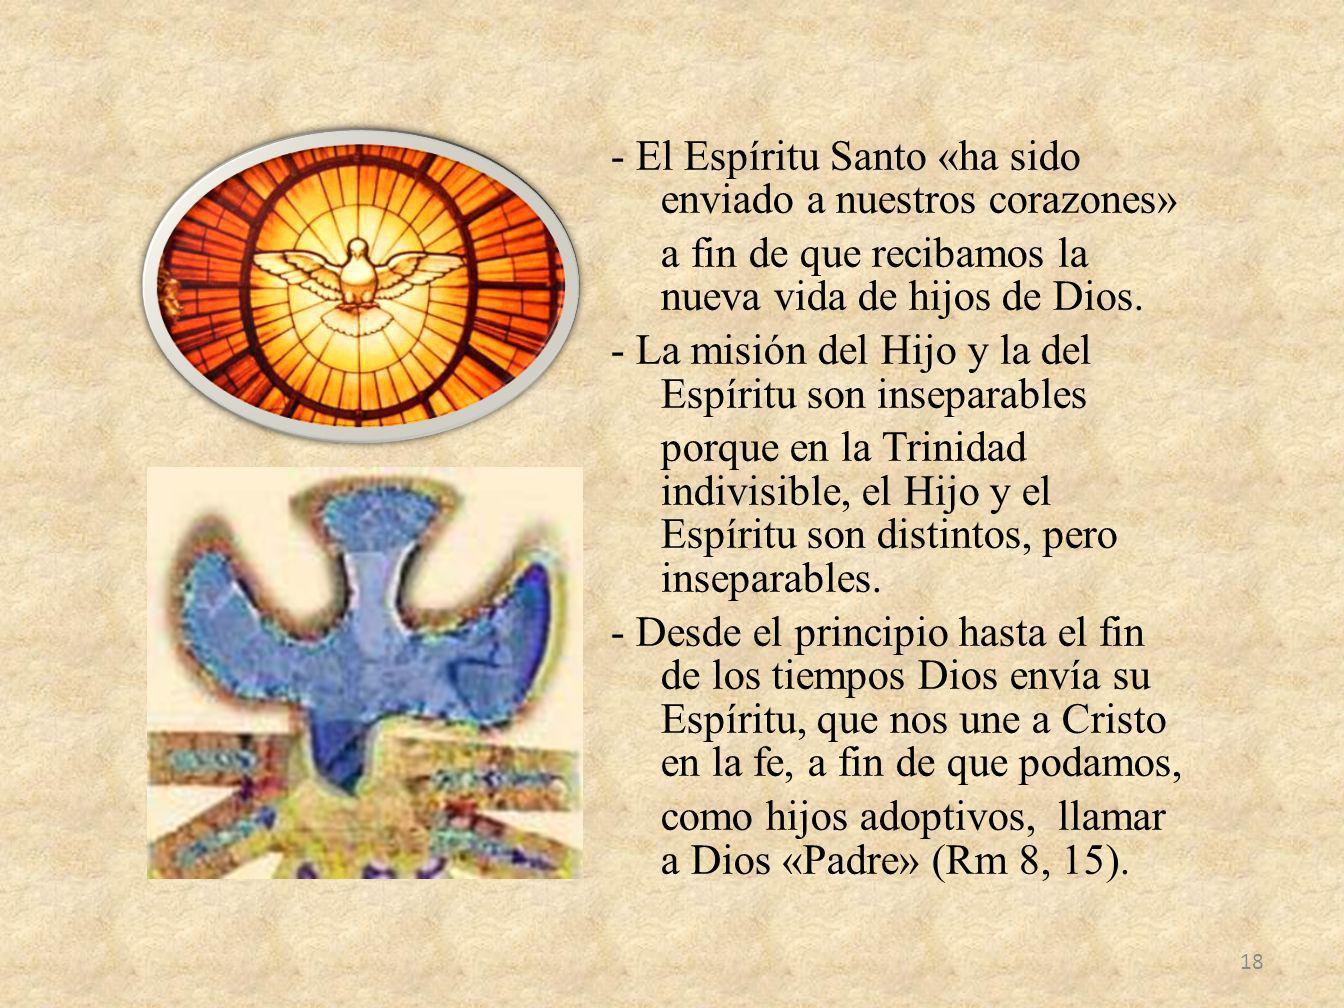 - El Espíritu Santo «ha sido enviado a nuestros corazones» a fin de que recibamos la nueva vida de hijos de Dios. - La misión del Hijo y la del Espíri